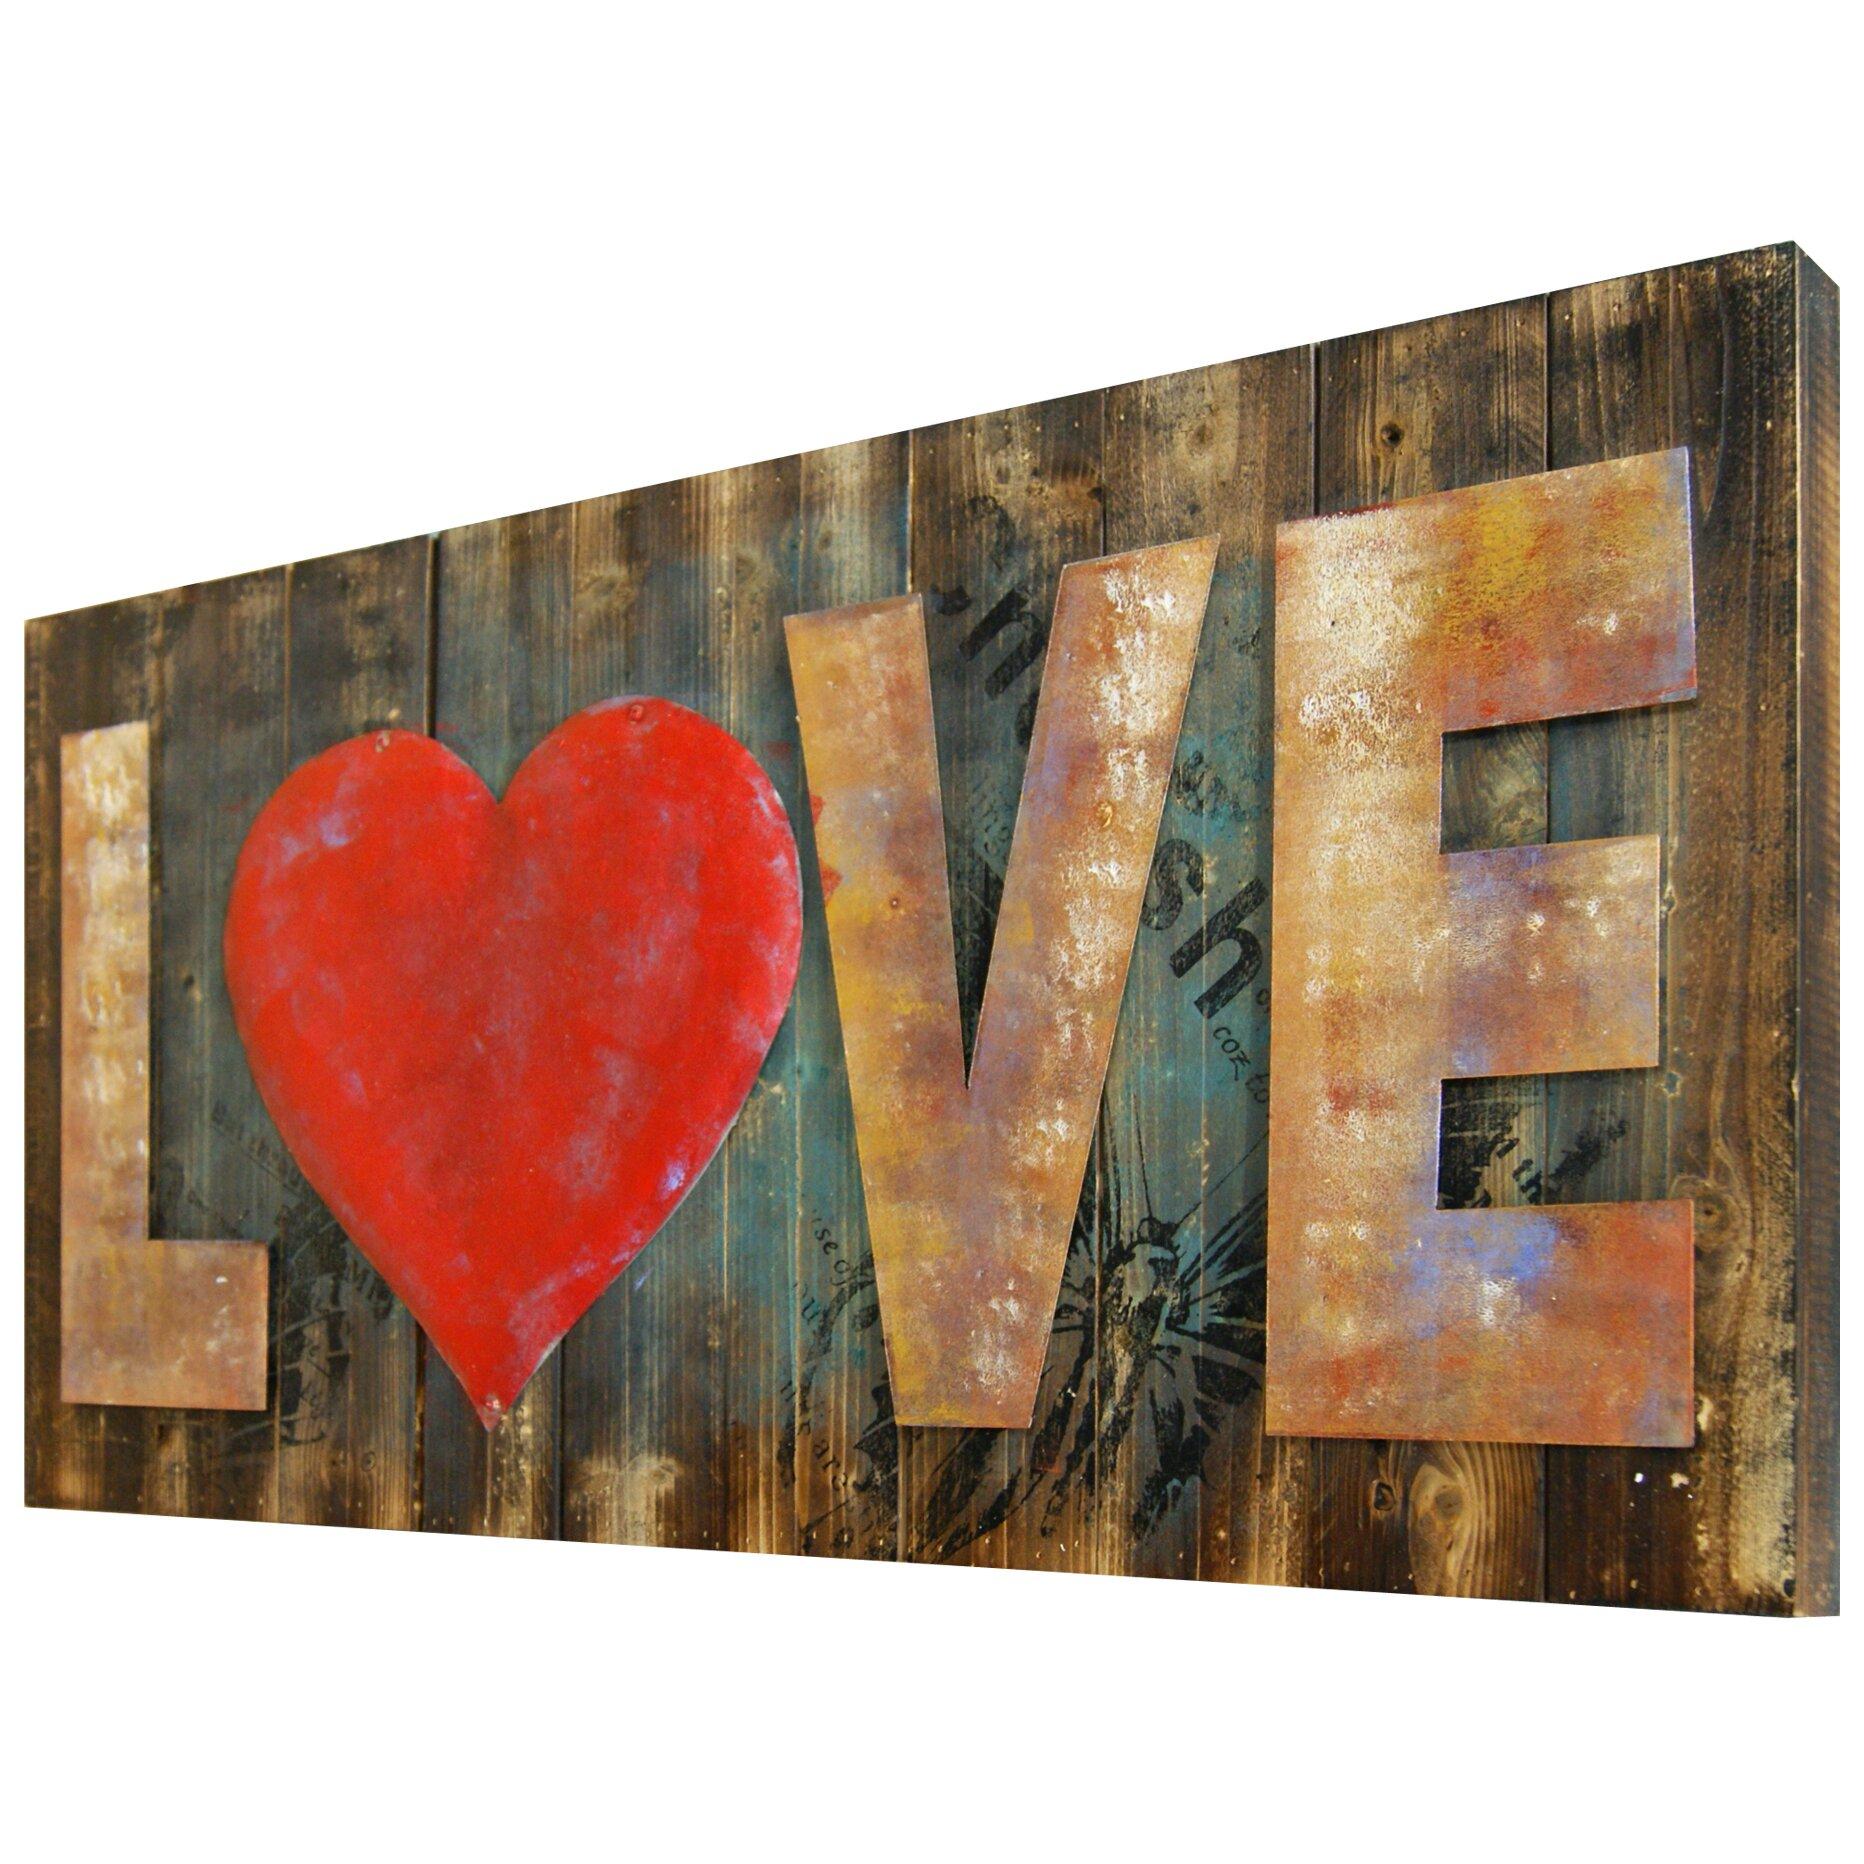 Hdc international 3d love red heart wall decor reviews for International wall decor